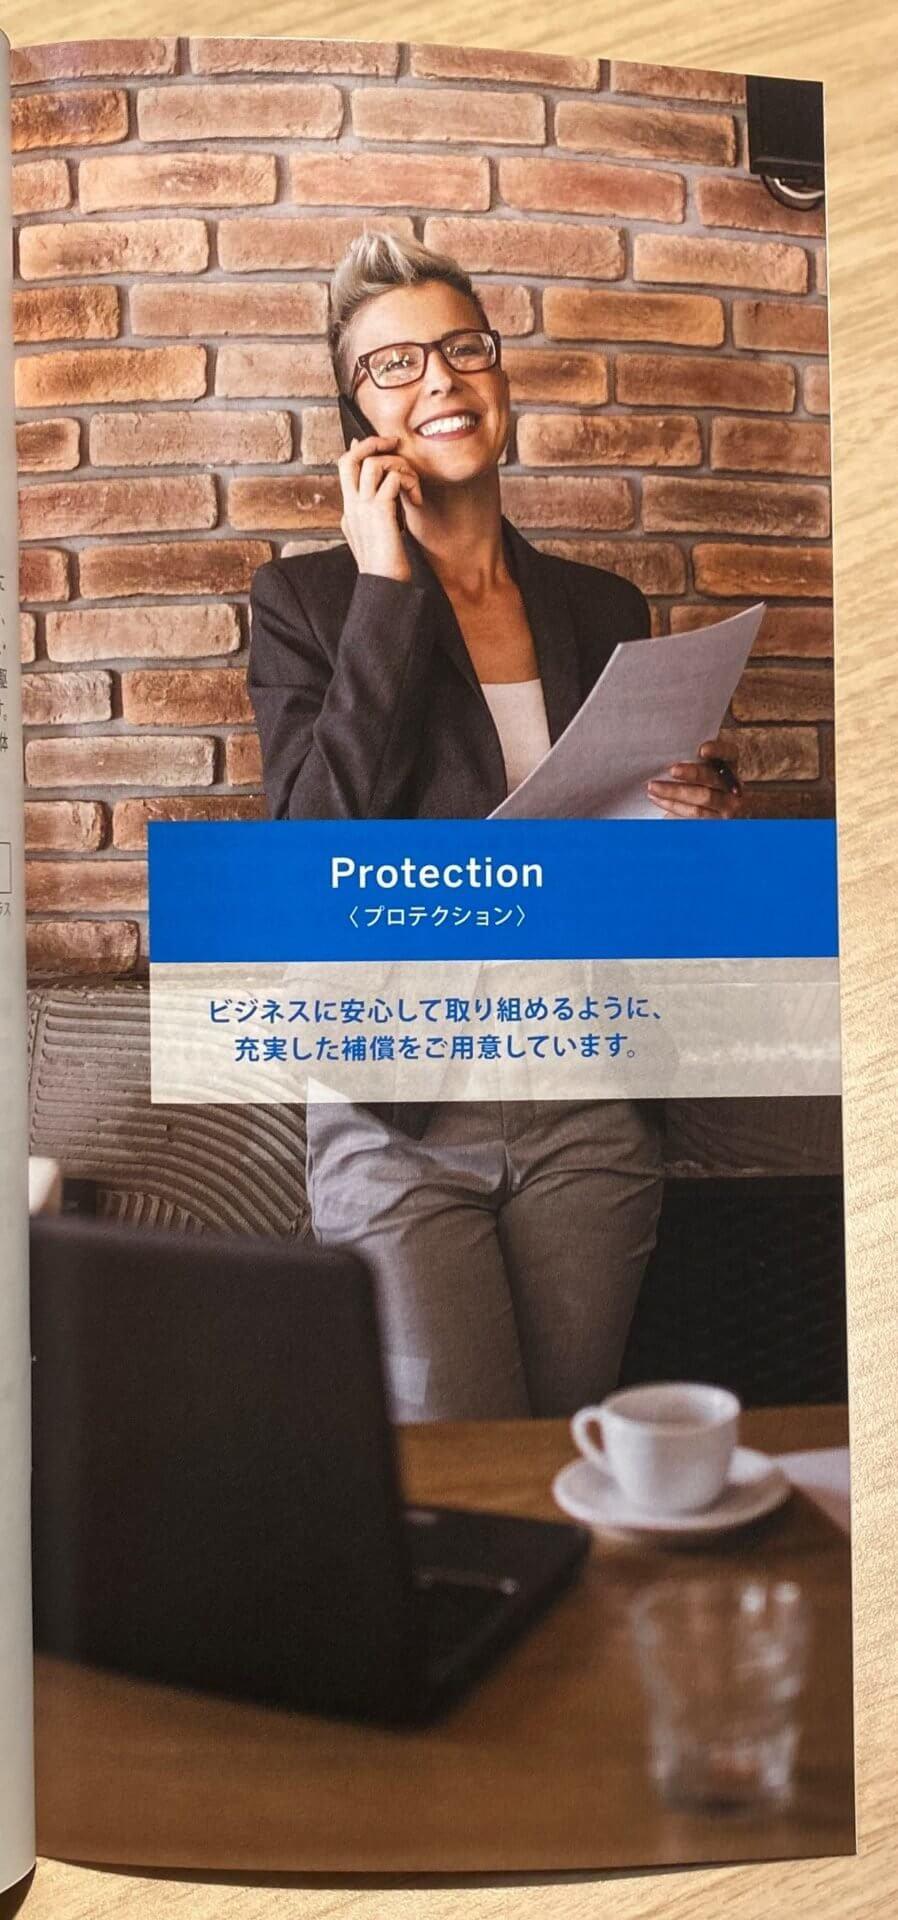 アメックスビジネスカードの付帯保険のイメージ